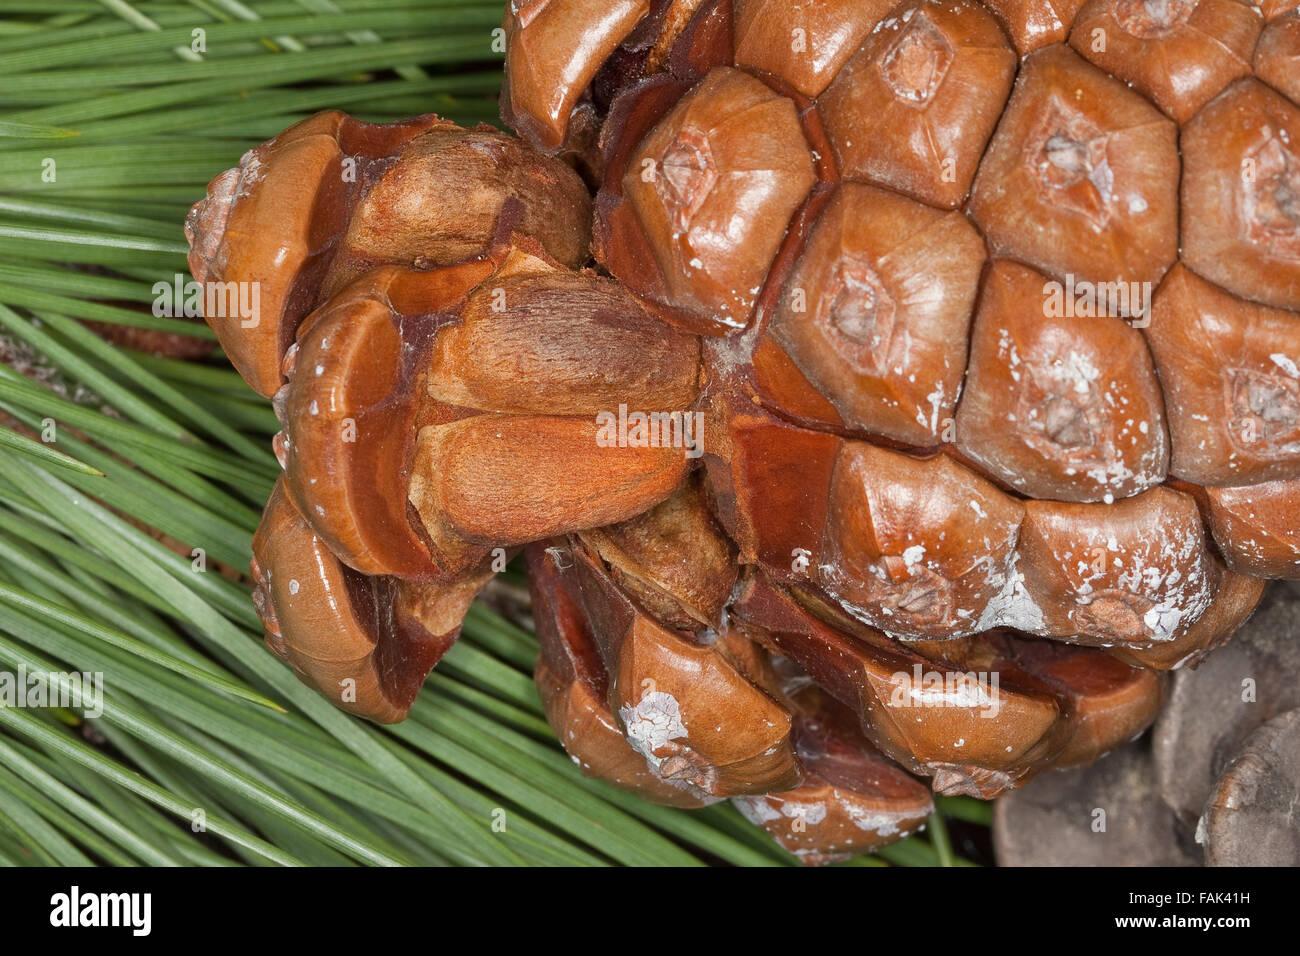 Stone Pine, Umbrella Pine, Pine nuts, seeds, Pine-nut, Pinienkern, Pinienkerne, Pinie, Schirmkiefer, Pinienzapfen, - Stock Image